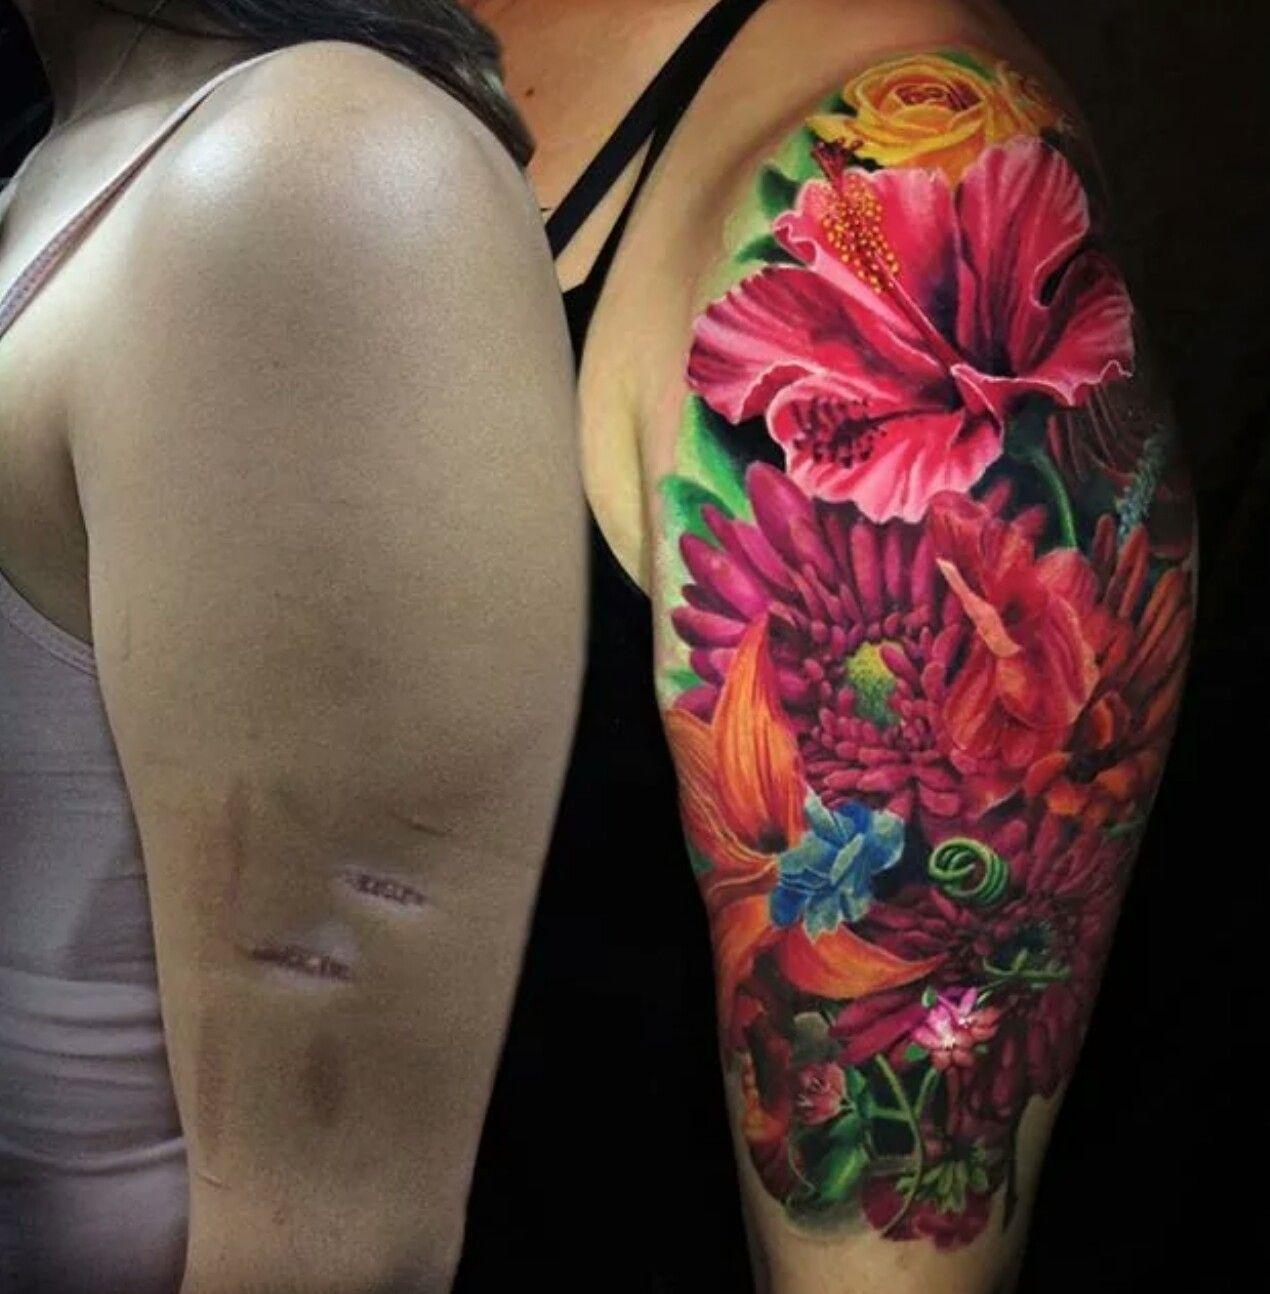 Vanessa cp | Tattoos | Pinterest | Tattoo, Tatting and Tatoos